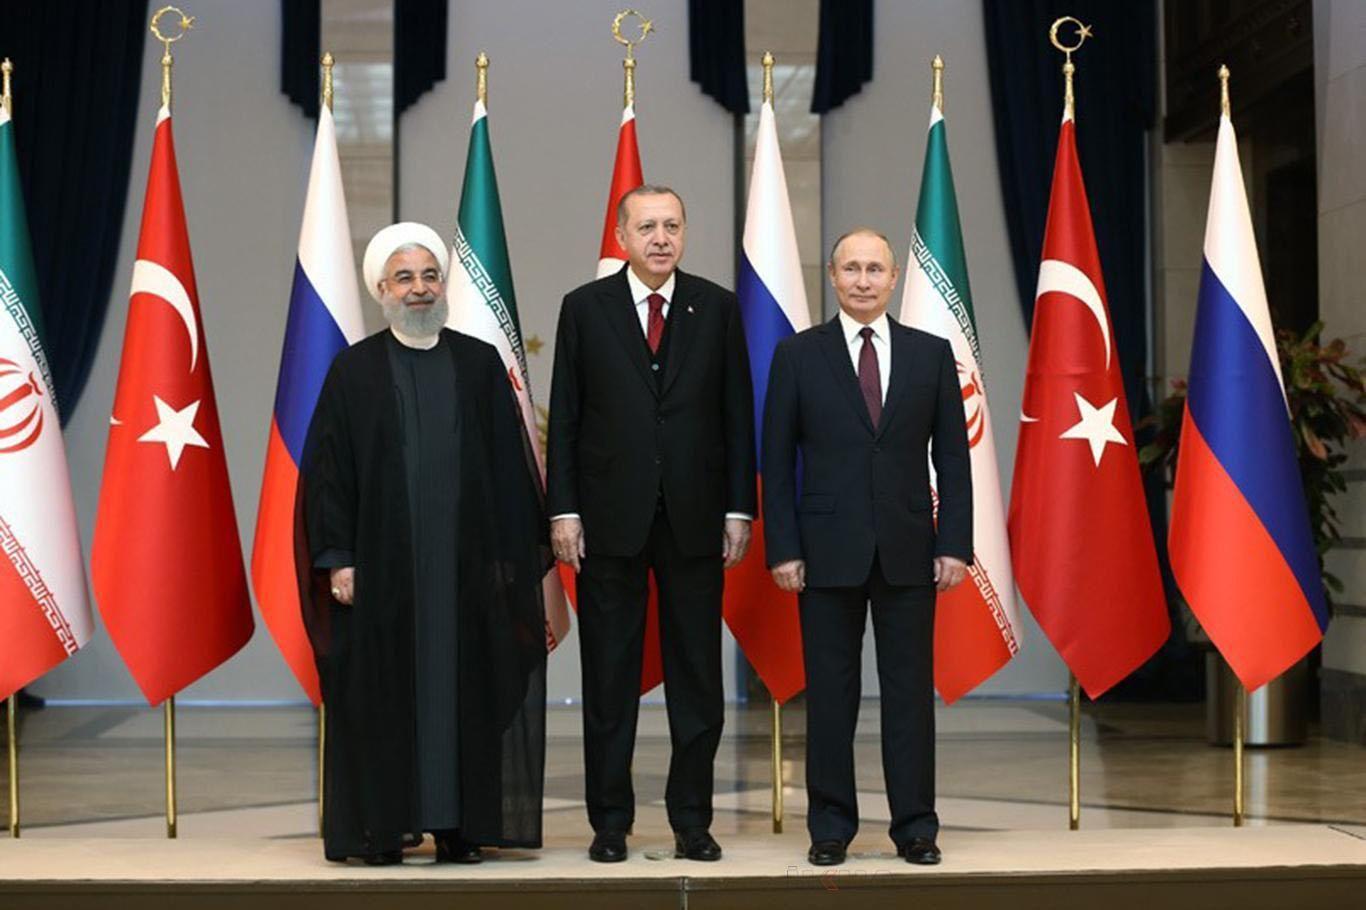 Üçlü Zirvenin ardından liderlerden ortak açıklama